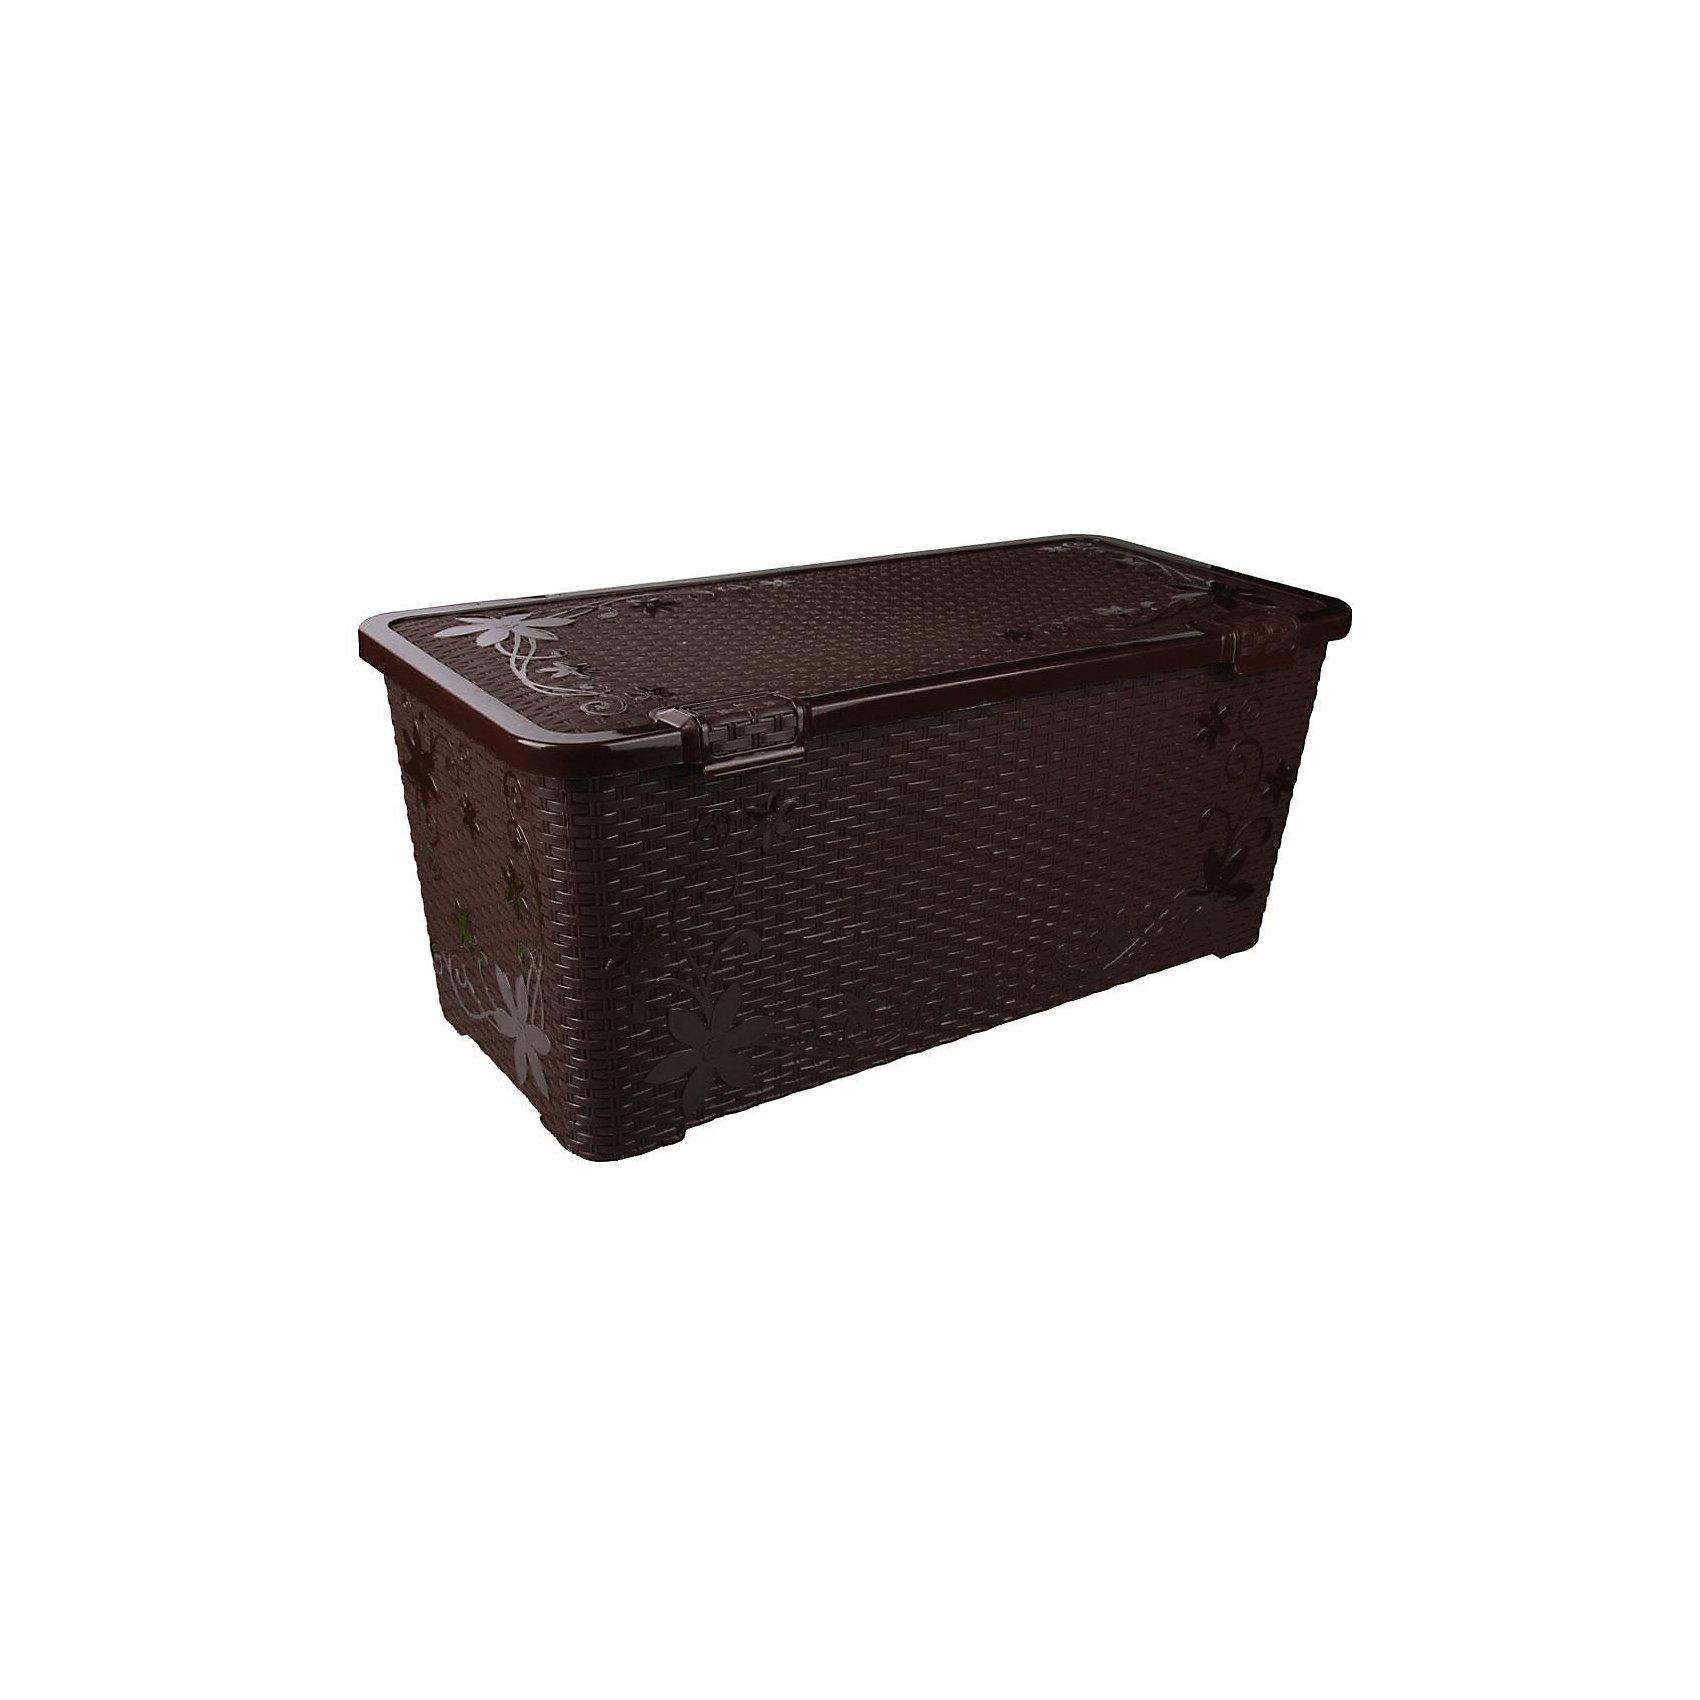 Контейнер Плетёнка 100 л. с крышкой, Alternativa, тёмно-коричневыйХарактеристики:<br><br>• Предназначение: для хранения игрушек, для хозяйственных нужд<br>• Цвет: зима<br>• Материал: пластик<br>• Цвет: тёмно-коричневый<br>• Размер (Д*Ш*В): 86*41,5*37 см<br>• Вместимость (объем): 100 л<br>• Форма: прямоугольный<br>• Наличие крышки <br>• Особенности ухода: разрешается мыть теплой водой<br><br>Контейнер Плетёнка 100 л. с крышкой, Alternativa, тёмно-коричневый изготовлен отечественным производителем ООО ЗПИ Альтернатива, который специализируется на выпуске широкого спектра изделий из пластика. Контейнер выполнен из экологически безопасного пластика, устойчивого к механическим повреждениям, корпус оформлен имитацией плетенки, в комплекте имеется крышка. Изделие можно использовать как для хранения игрушек, так и для разных хозяйственных нужд. Контейнер Плетёнка 100 л. с крышкой, Alternativa, тёмно-коричневый вместительный, но при этом обладает легким весом.<br><br>Контейнер Плетёнка 100 л. с крышкой, Alternativa, тёмно-коричневый можно купить в нашем интернет-магазине.<br><br>Ширина мм: 862<br>Глубина мм: 415<br>Высота мм: 370<br>Вес г: 3035<br>Возраст от месяцев: 6<br>Возраст до месяцев: 84<br>Пол: Унисекс<br>Возраст: Детский<br>SKU: 5096564